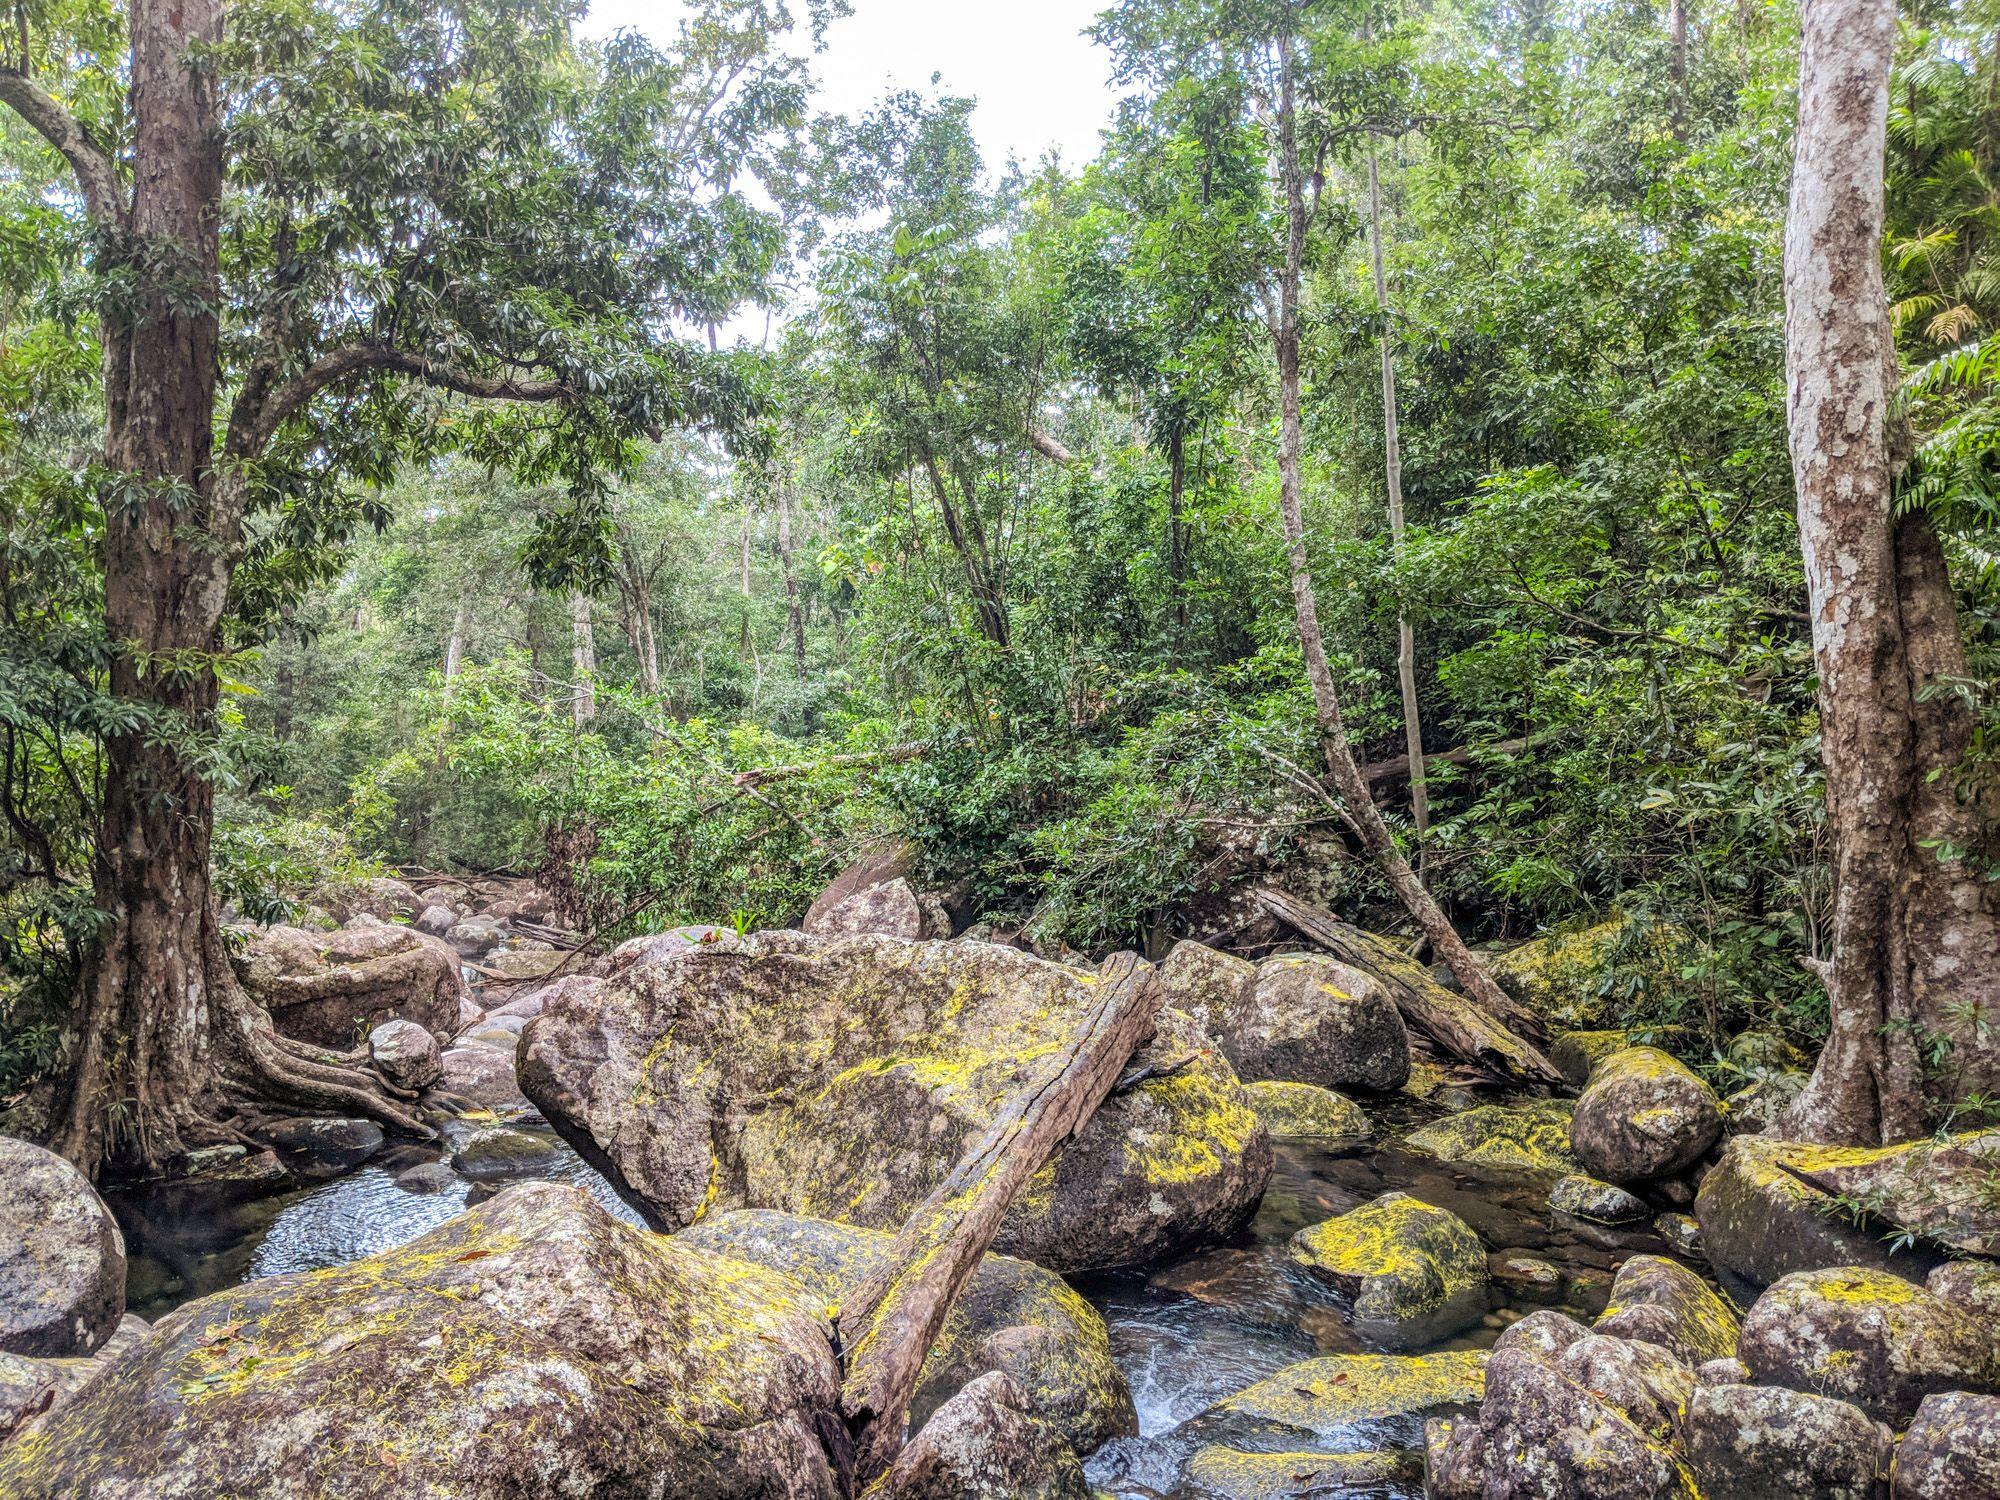 mt straloch creek yellow lichen